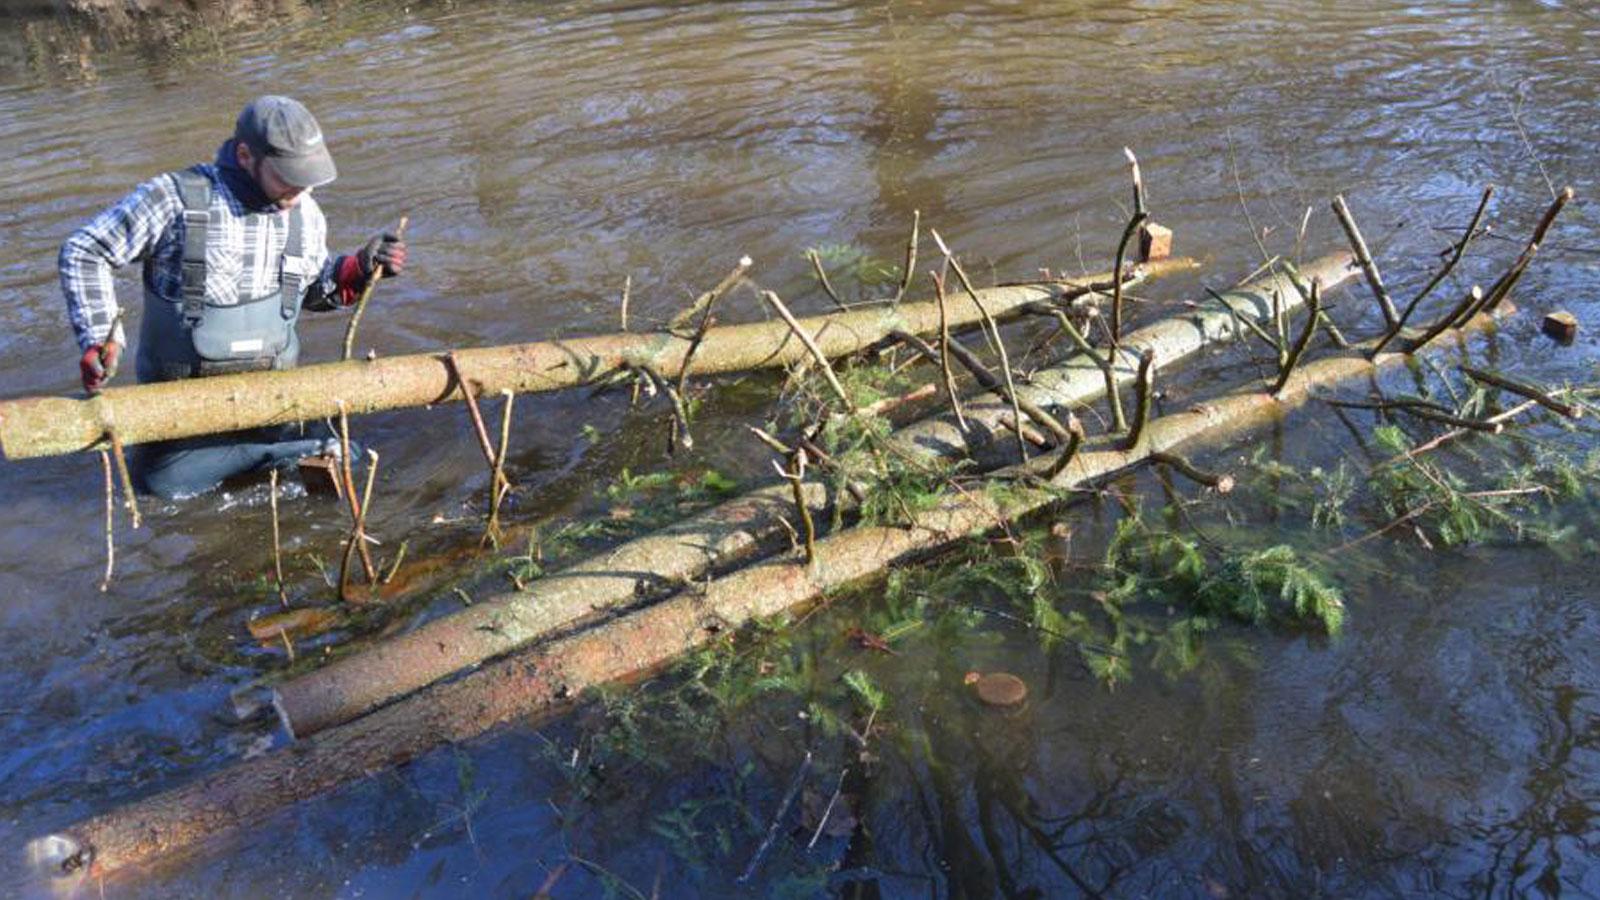 Totholz ist wichtig für Gewässer! Rauhbaum-Einbau als Strömungslenker. Fichten gehören nicht in die Aue, übernehmen aber als Totholz im Wasser wichtige ökologische Funktionen.